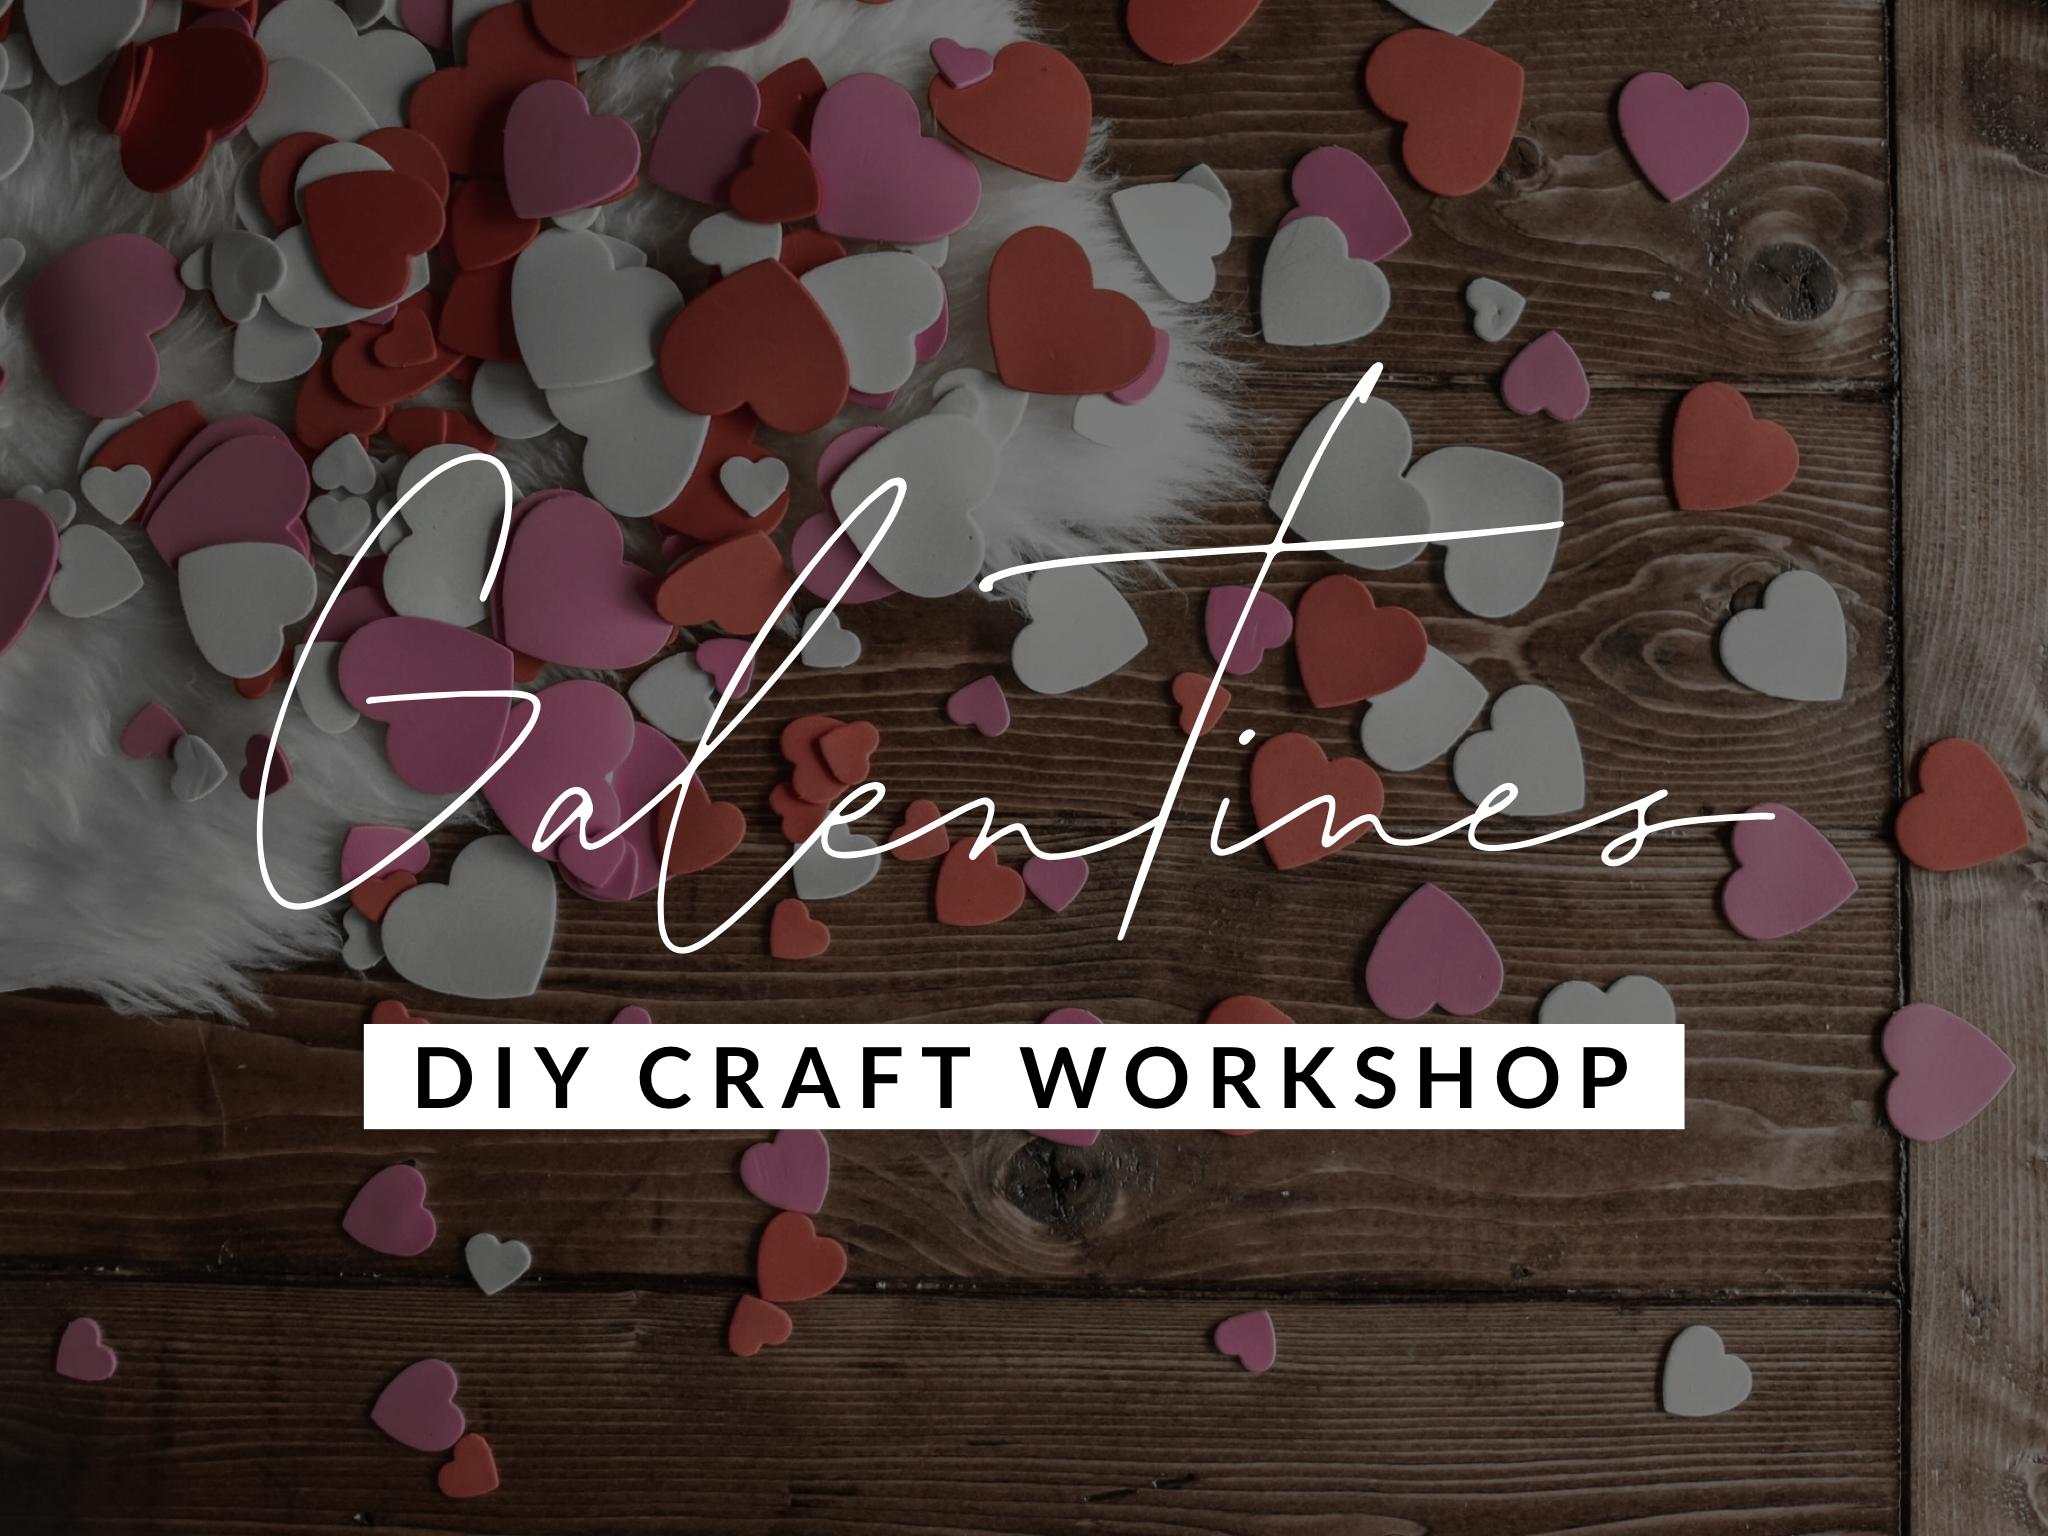 Galentines DIY Craft Workshop